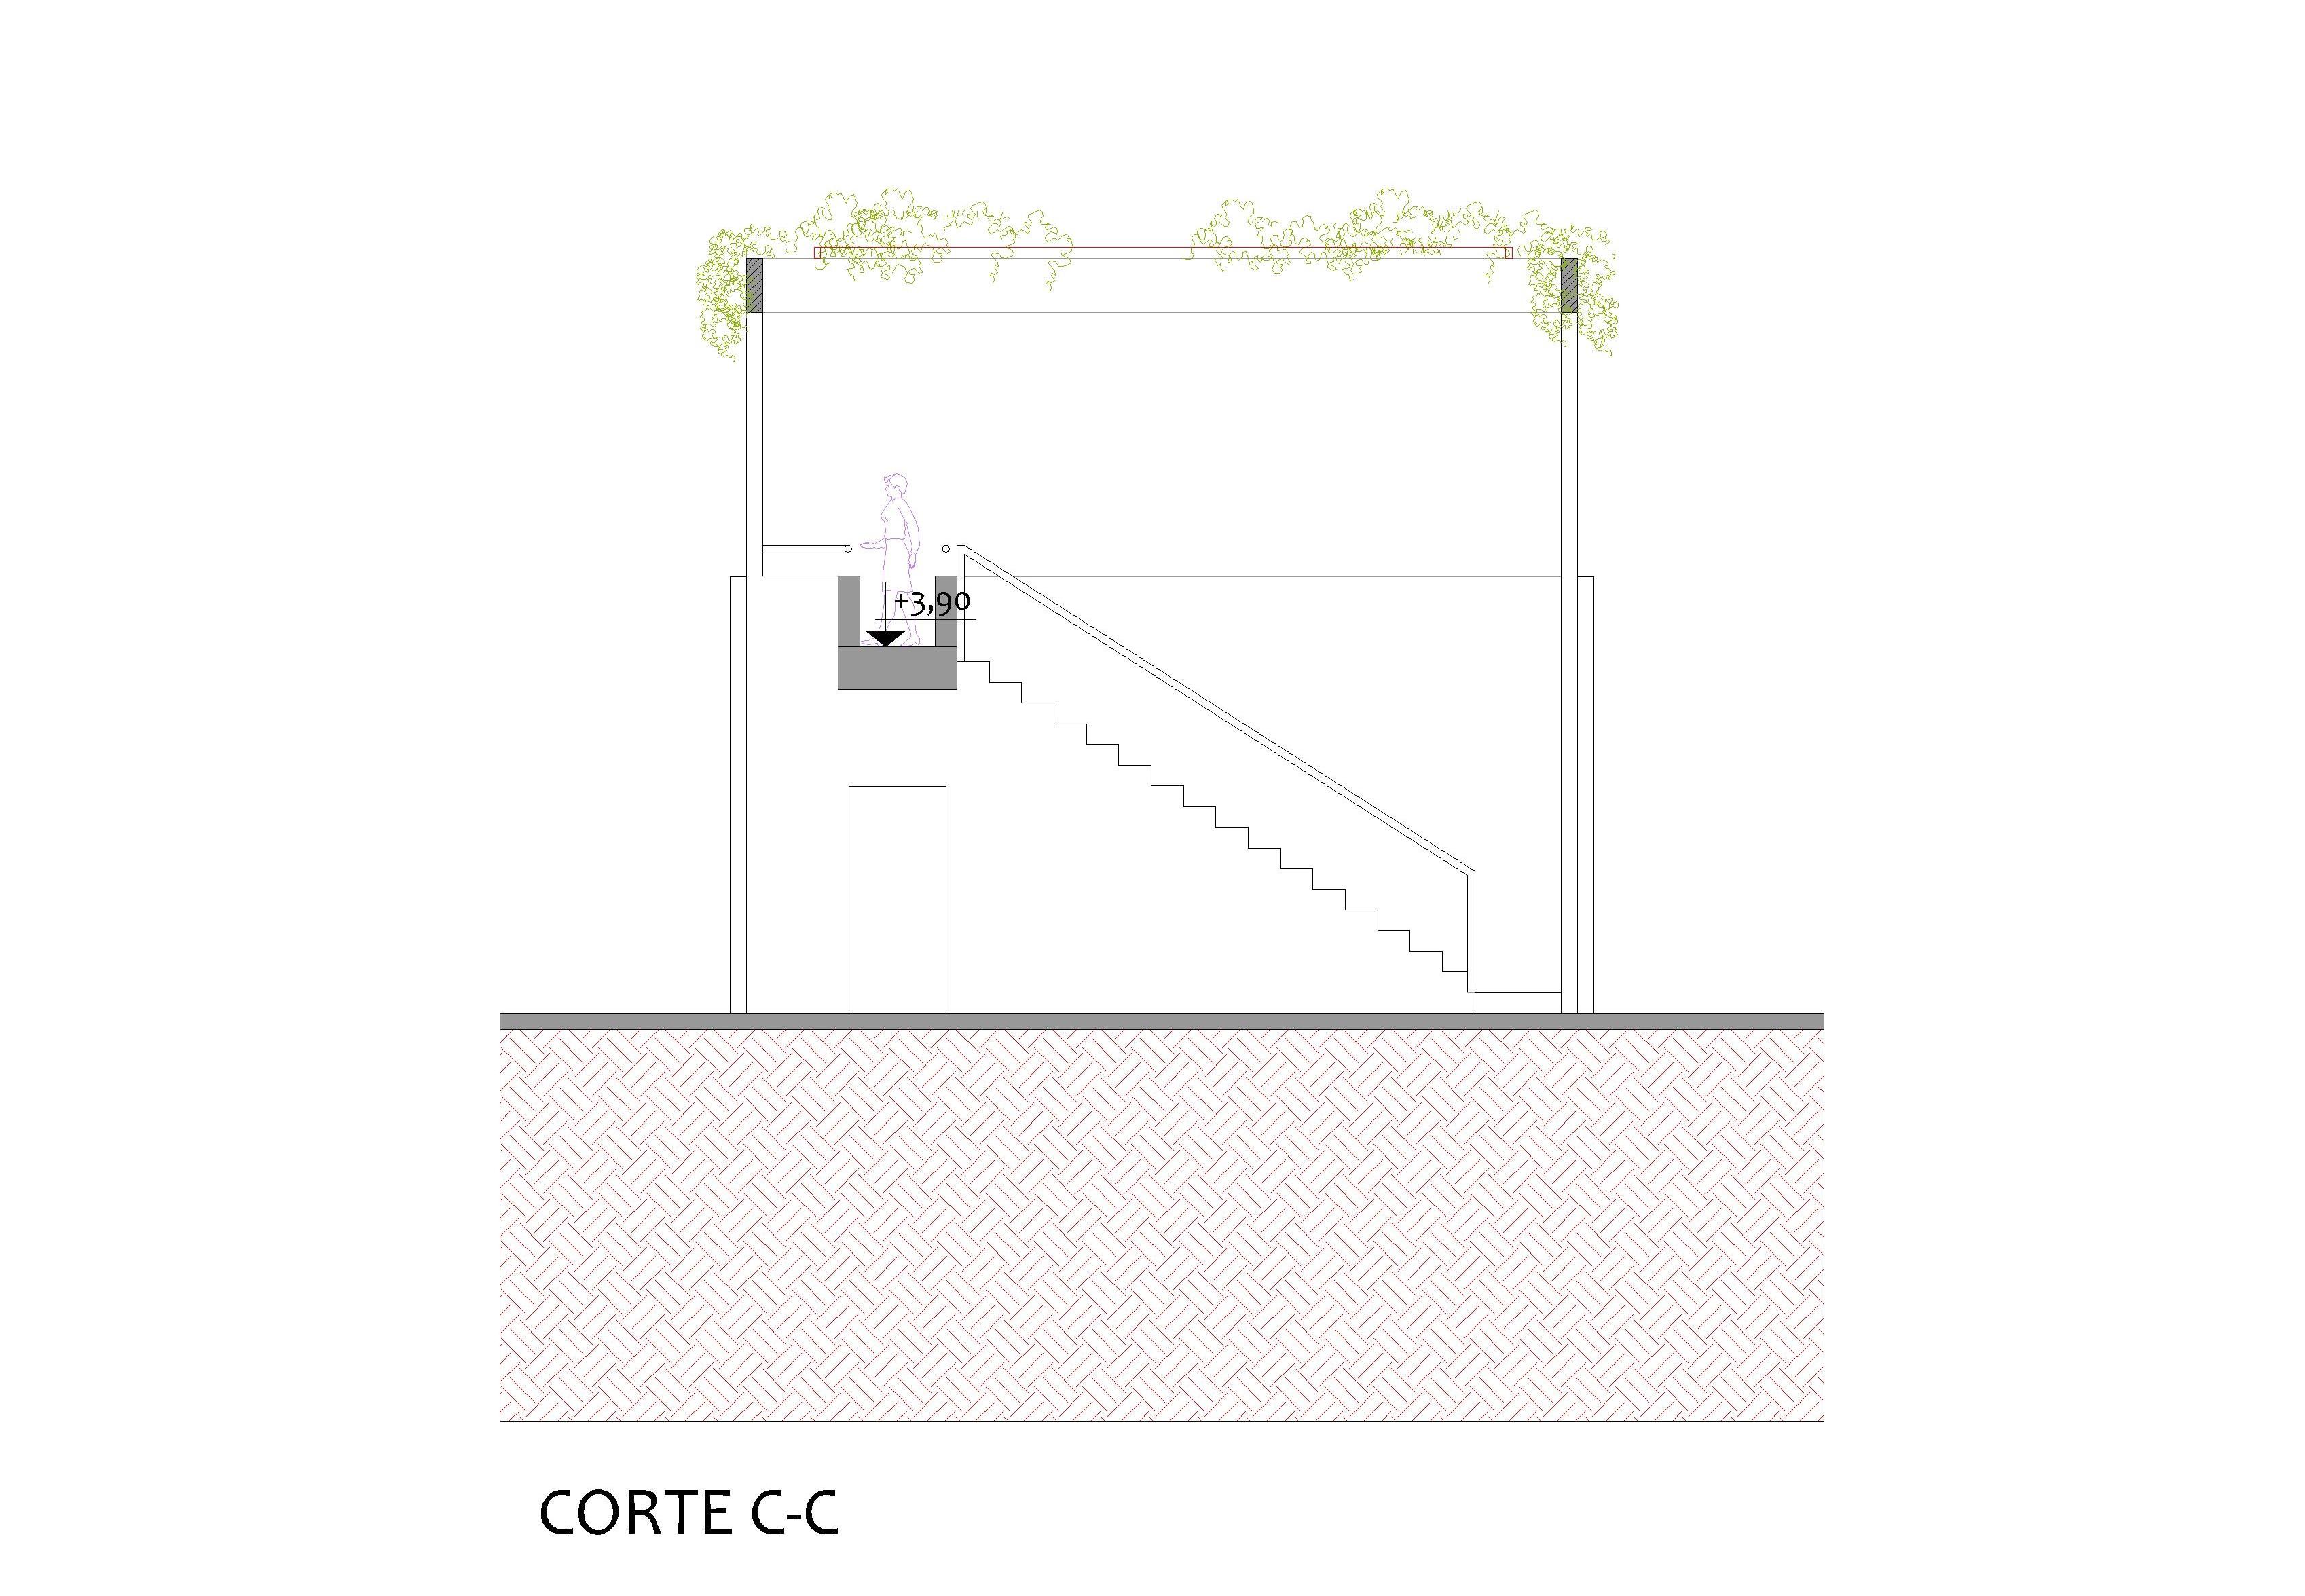 CORTE C-C